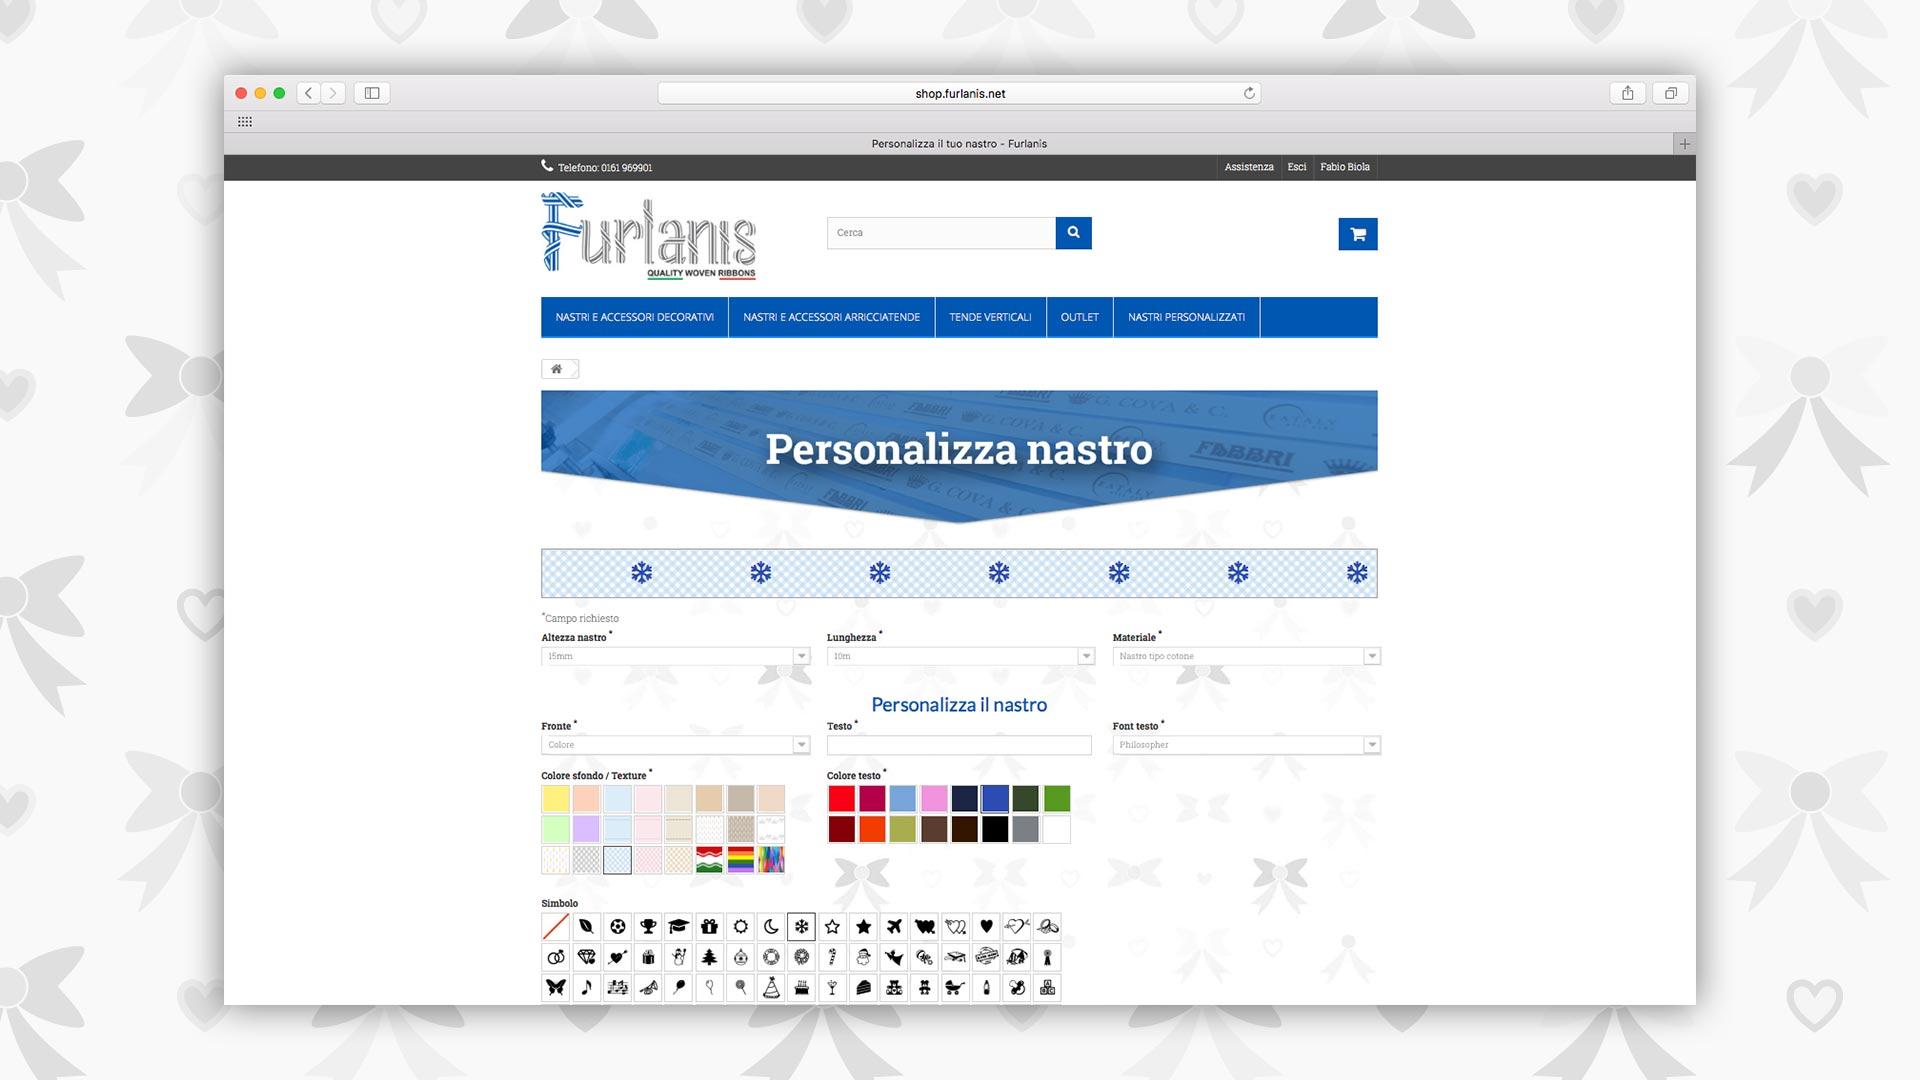 Pagina personalizzazione nastro e-commerce Furlanis